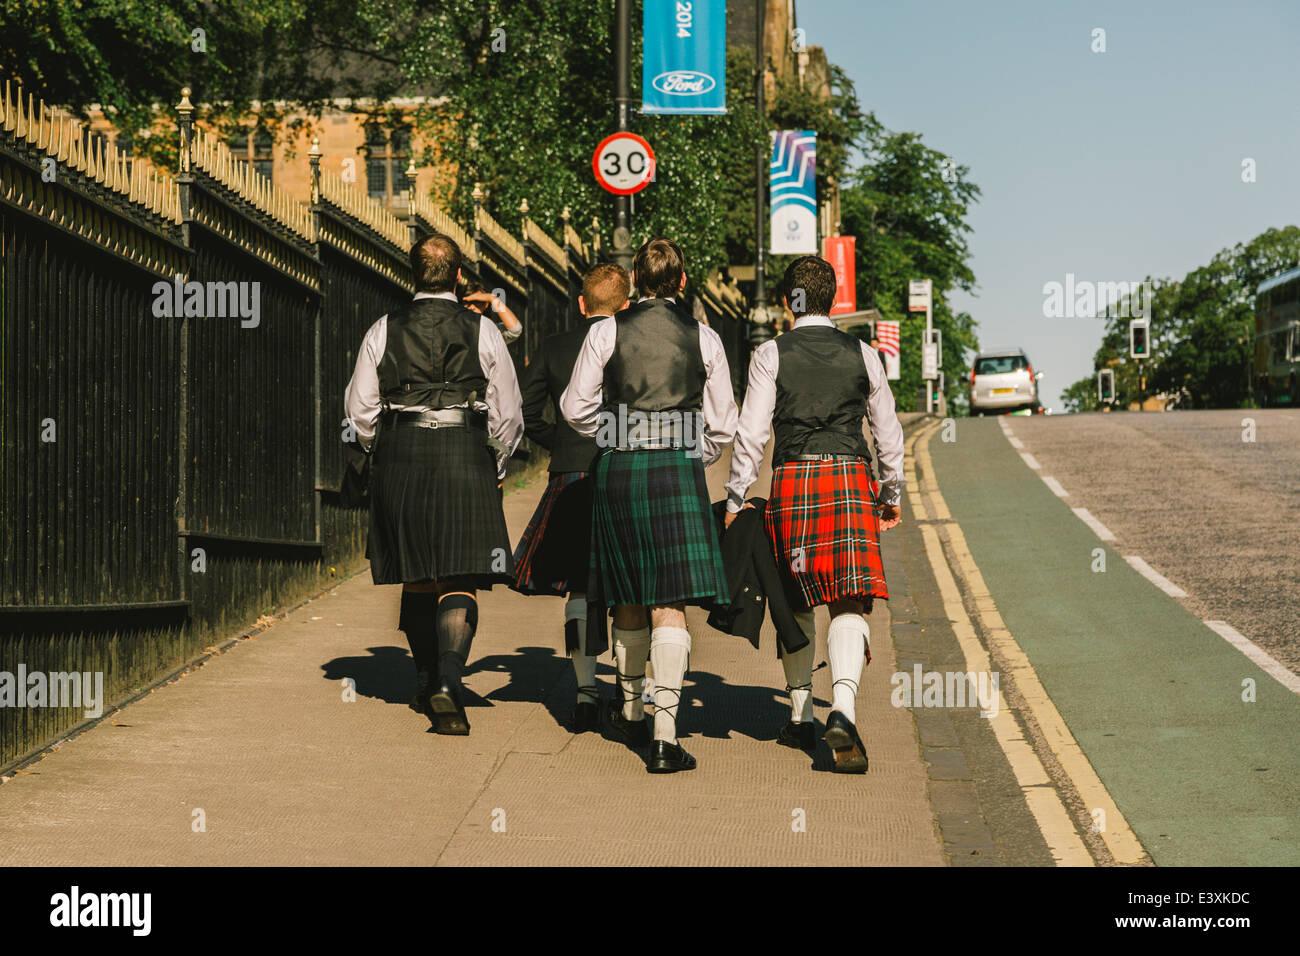 Eine Gruppe von jungen schottischen Studenten Kilt Kleid zu Glasgow University für Staffelung Tag, Glasgow, Stockbild